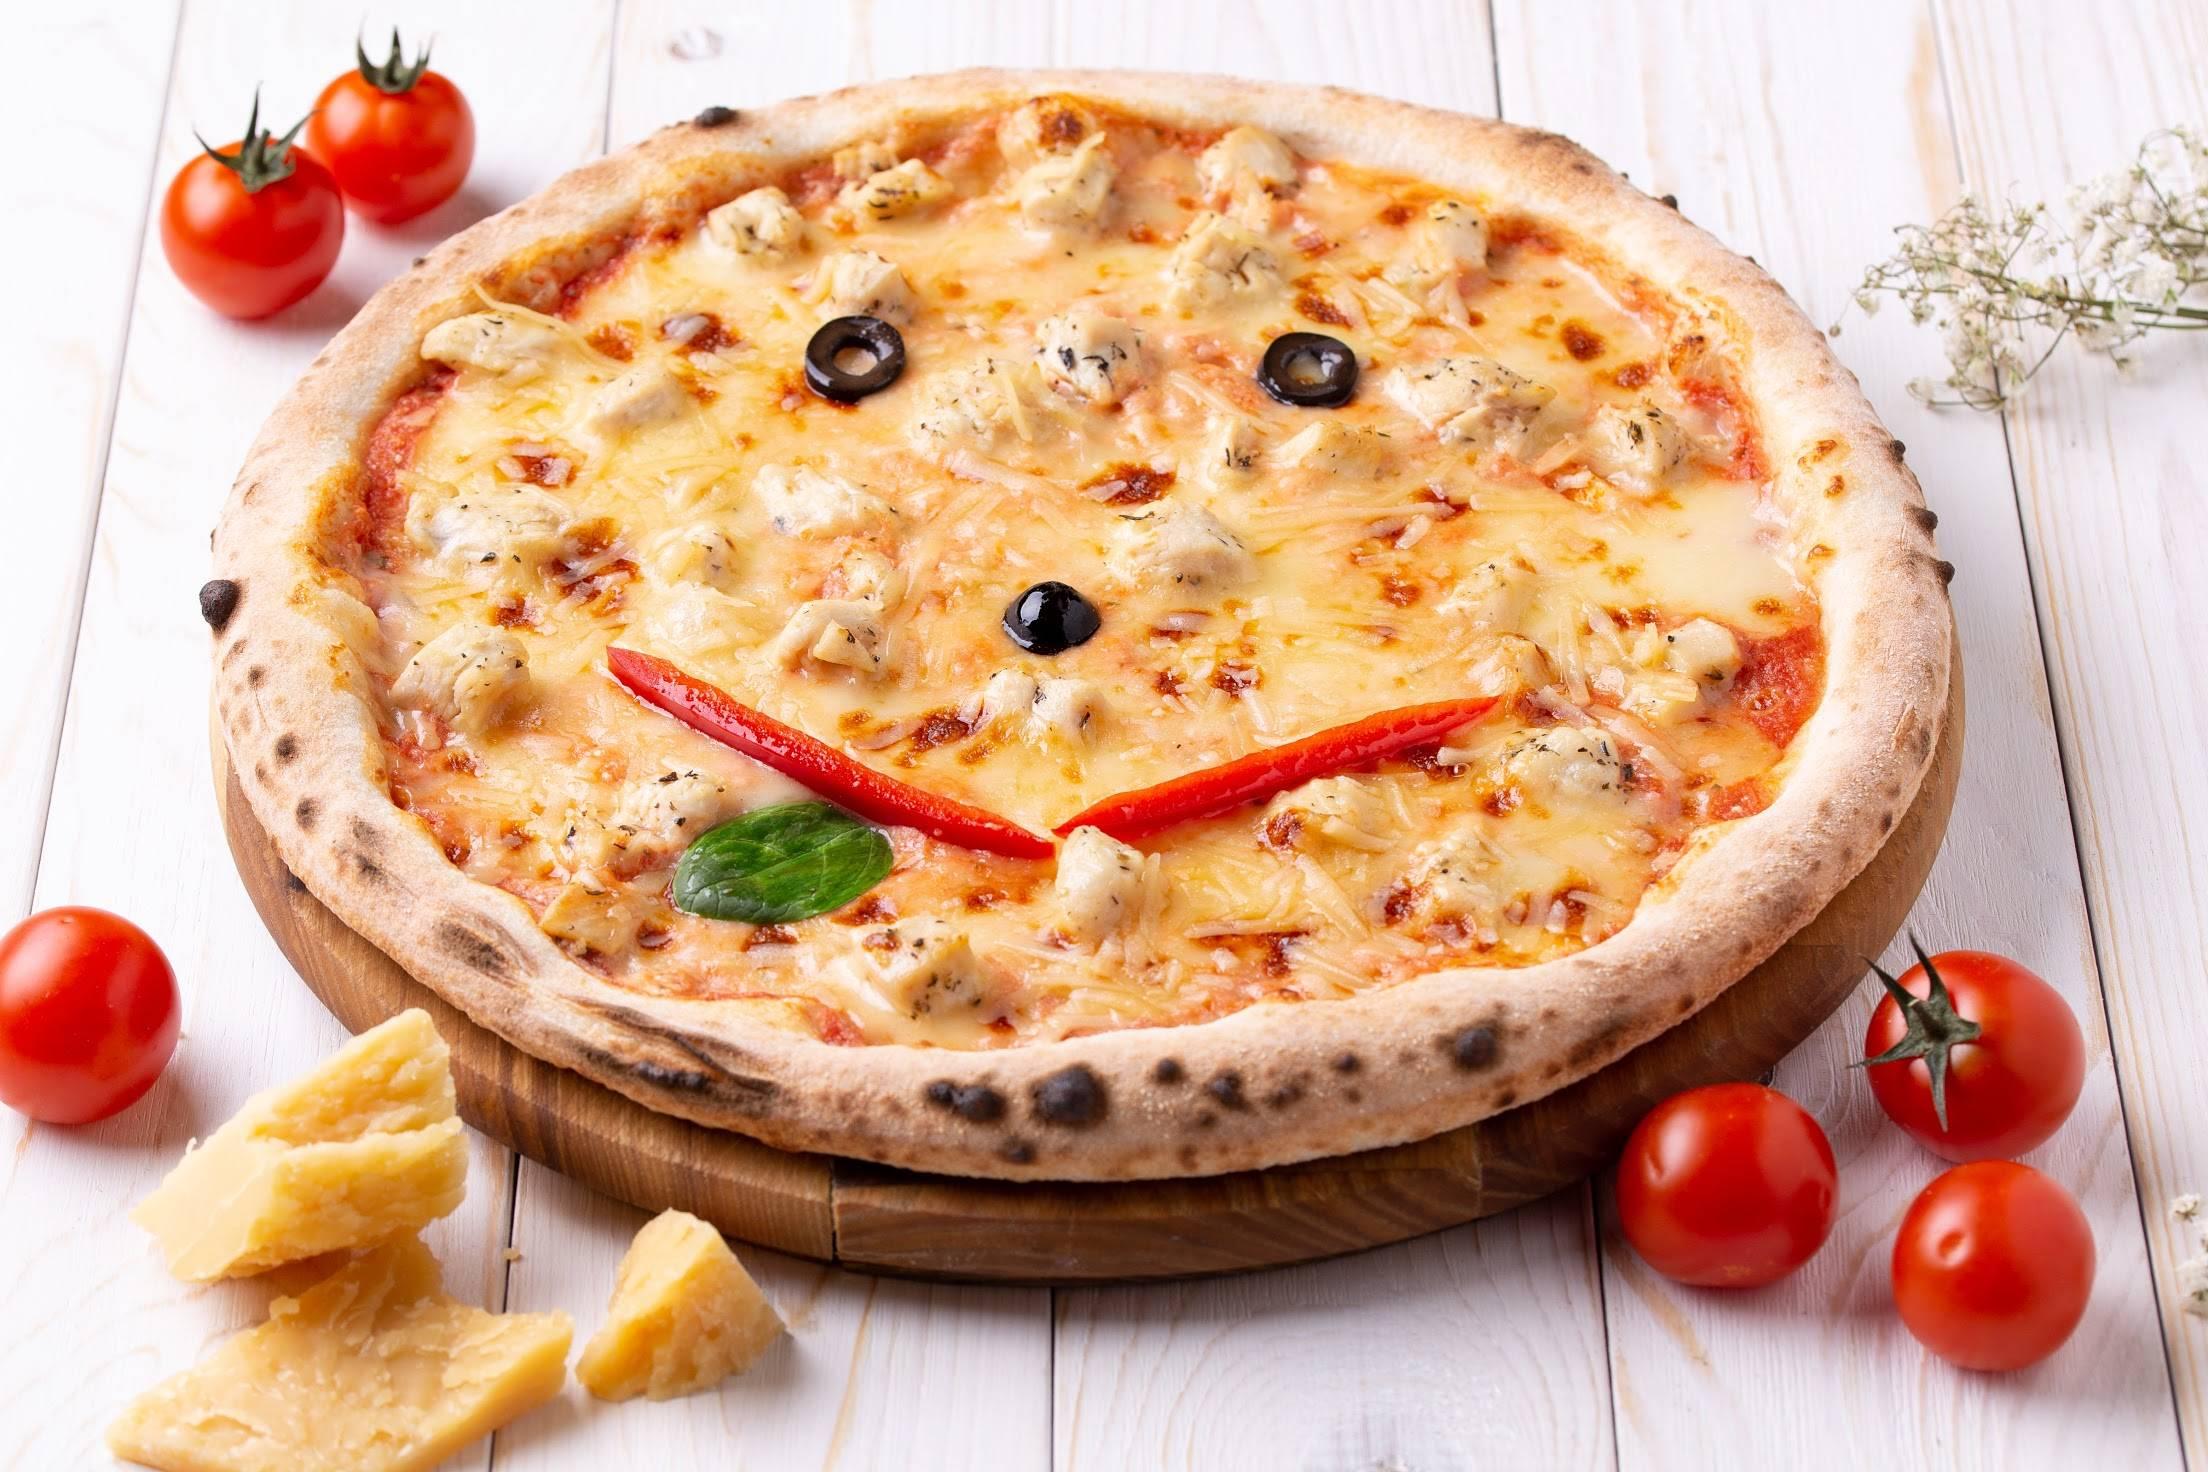 Пицца детская - рецепт для детей (мини-пицца в домашних условиях)